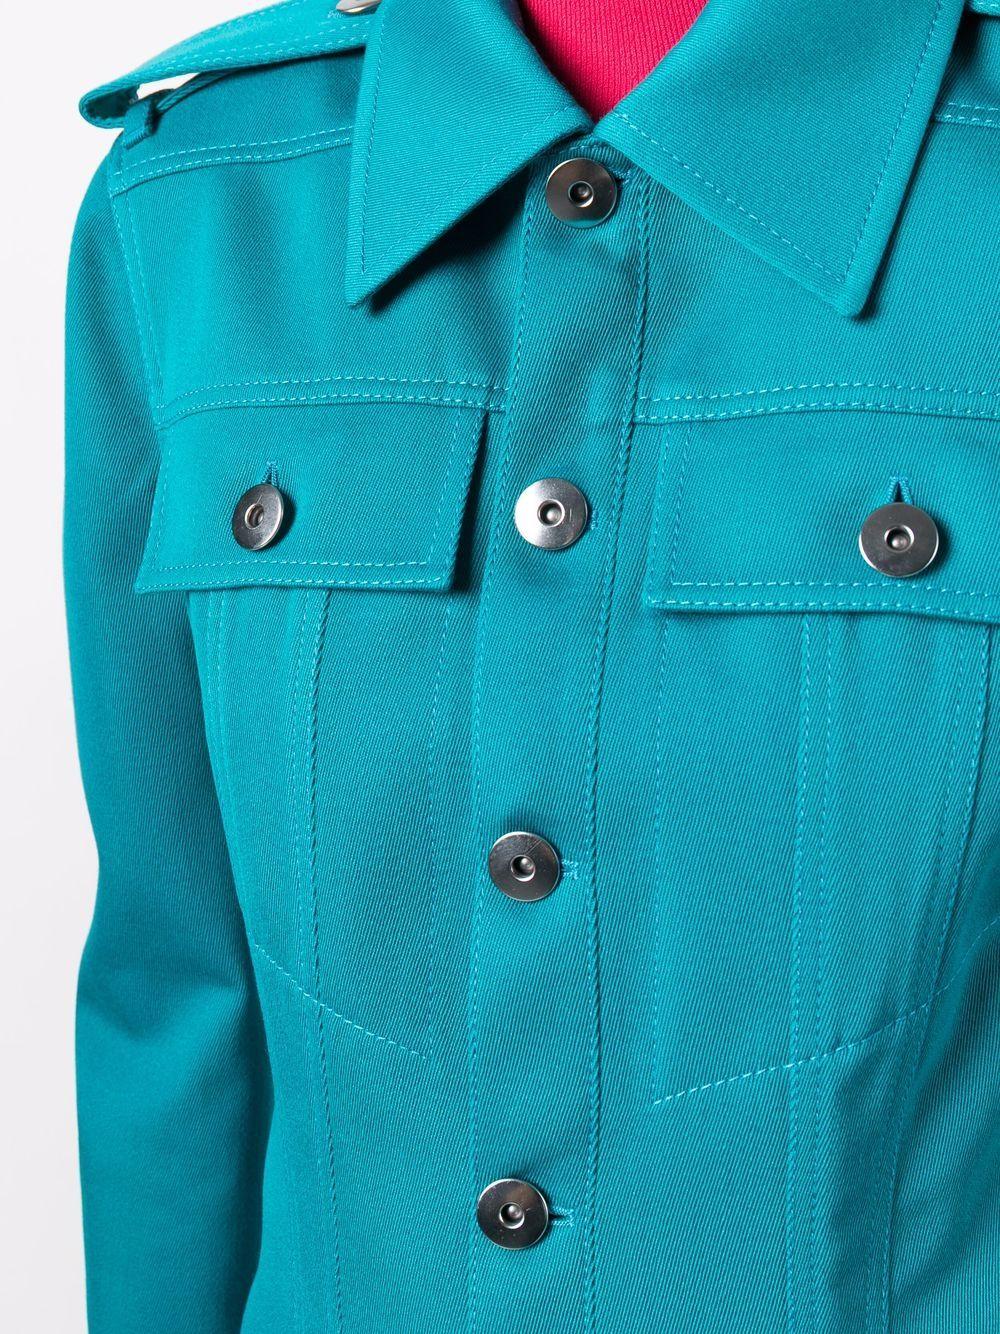 Giacca monopetto turchese in lana e cotone con spalline BOTTEGA VENETA | Giacche | 680333-V0B204467